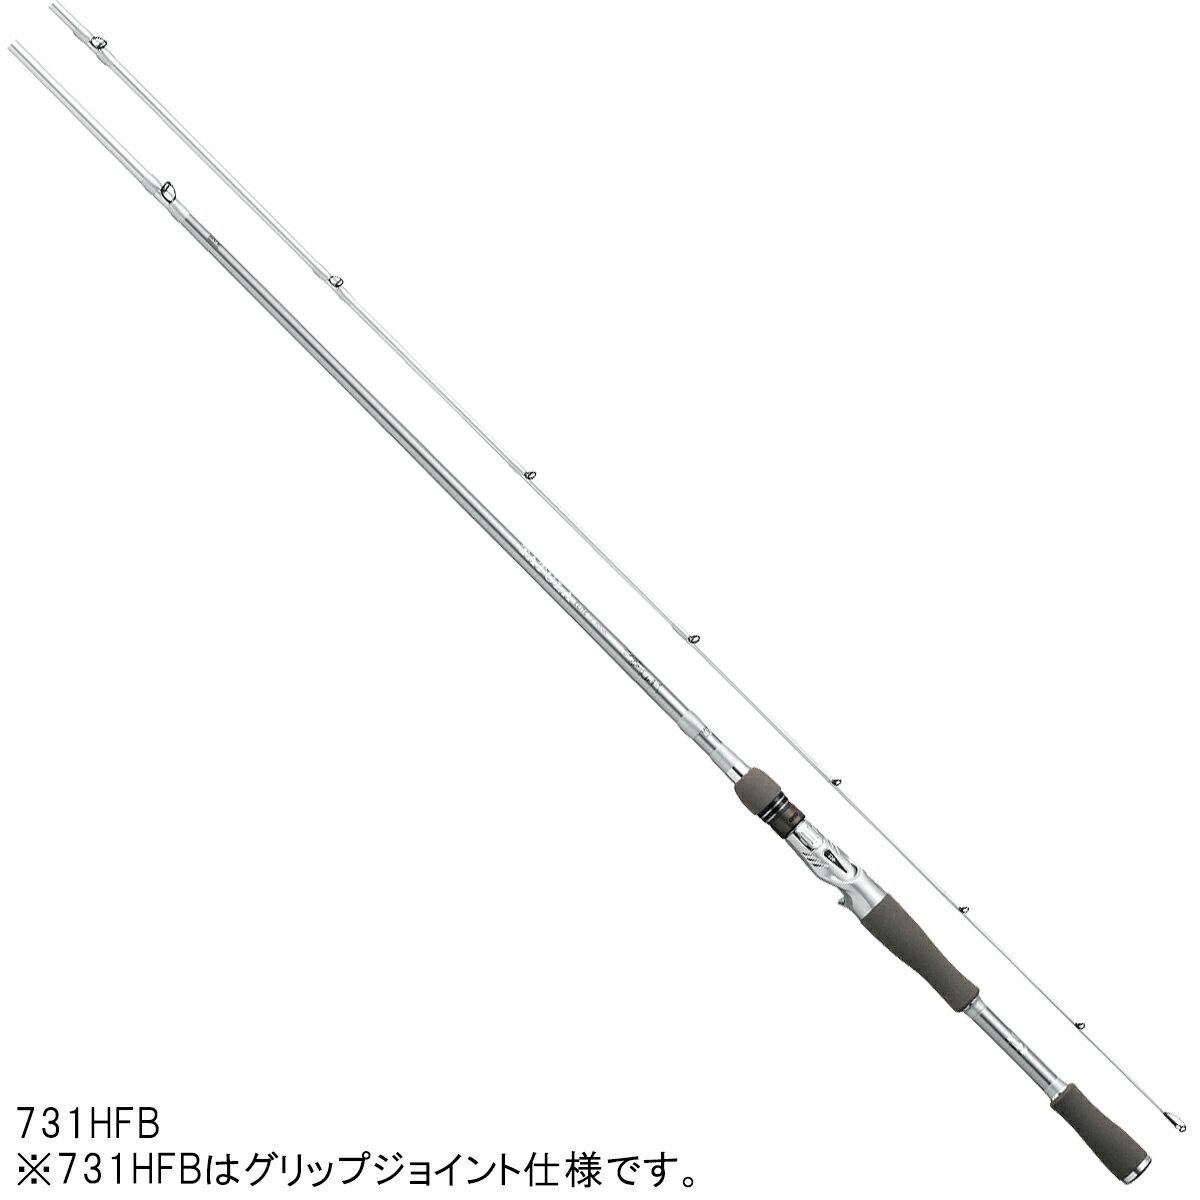 ダイワ タトゥーラ エリート 731HFB【大型商品】